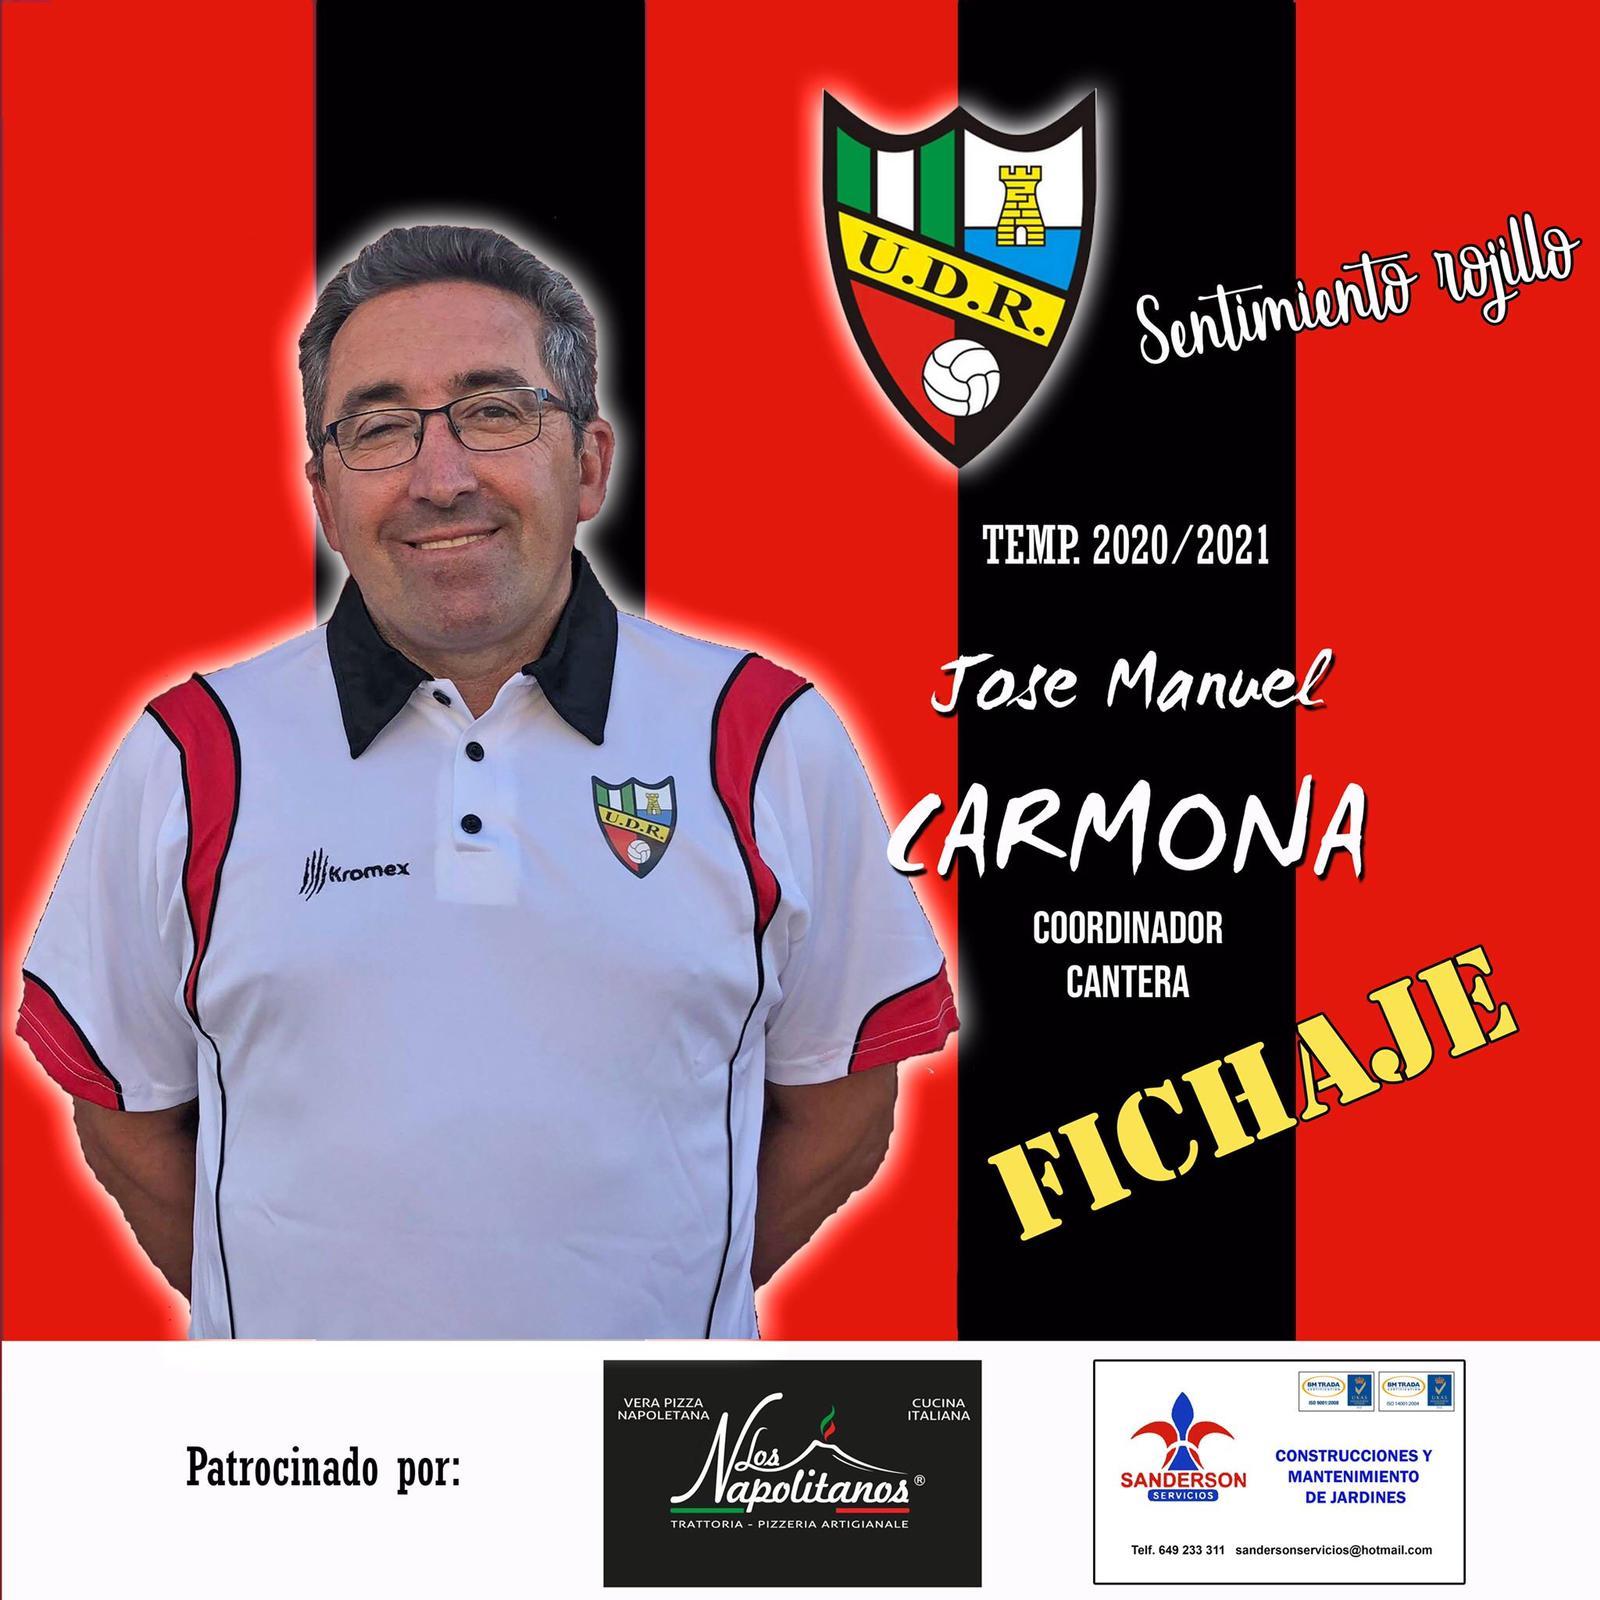 Nueva incorporación para la próxima temporada, Jose Manuel Carmona será el coordinador de cantera